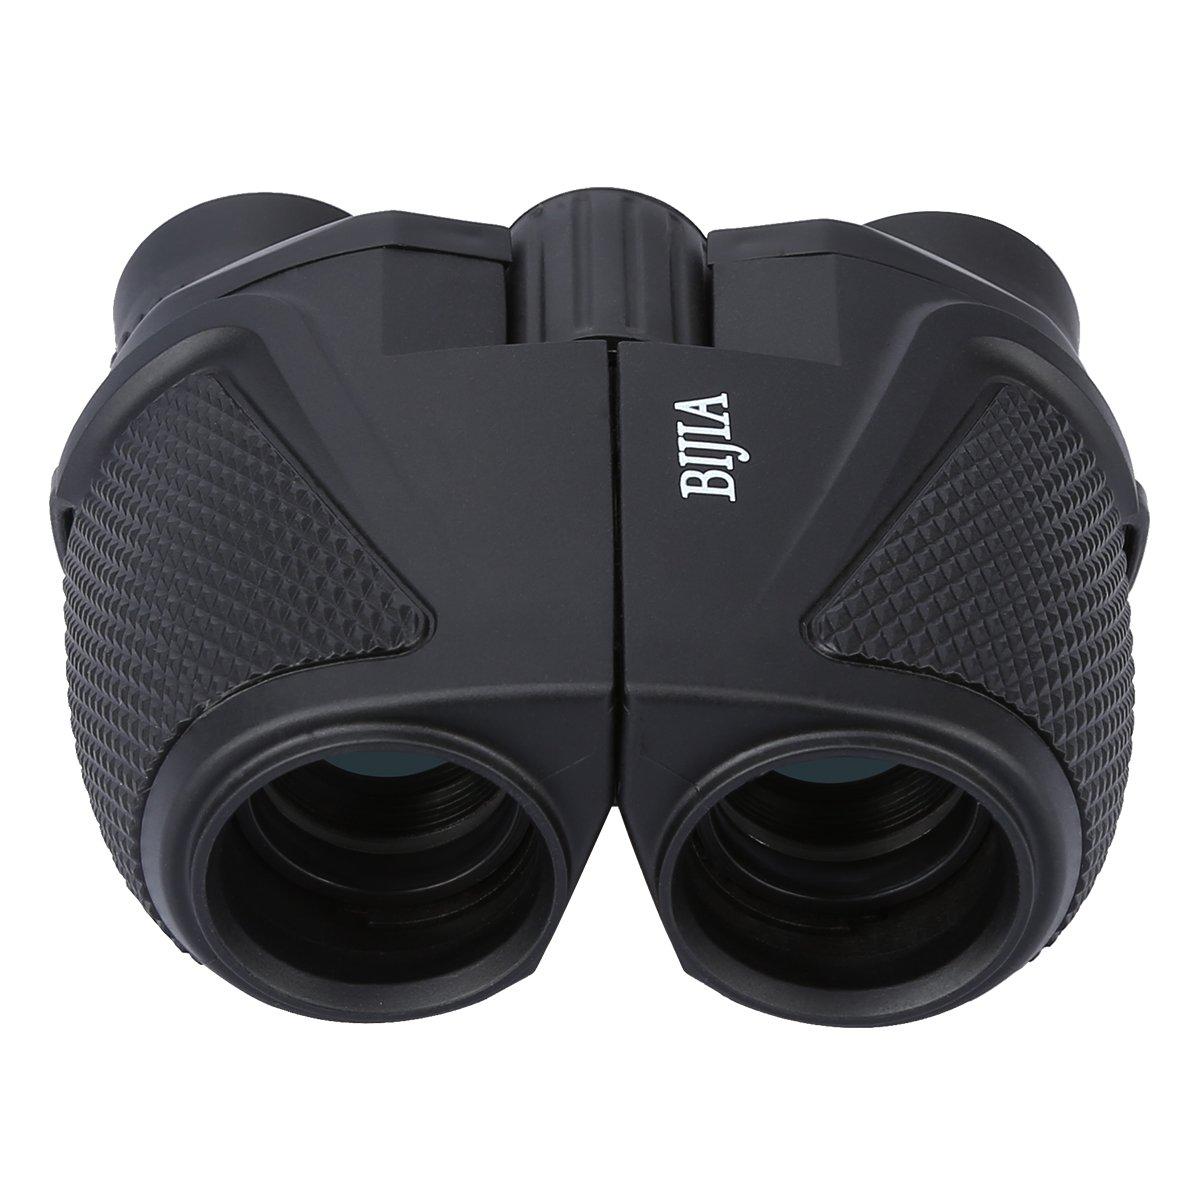 G4Free 12x25 Compact Binoculars(BAK4,Green Lens),Large Eyepiece Super High-Powered Field Surveillance Binoculars